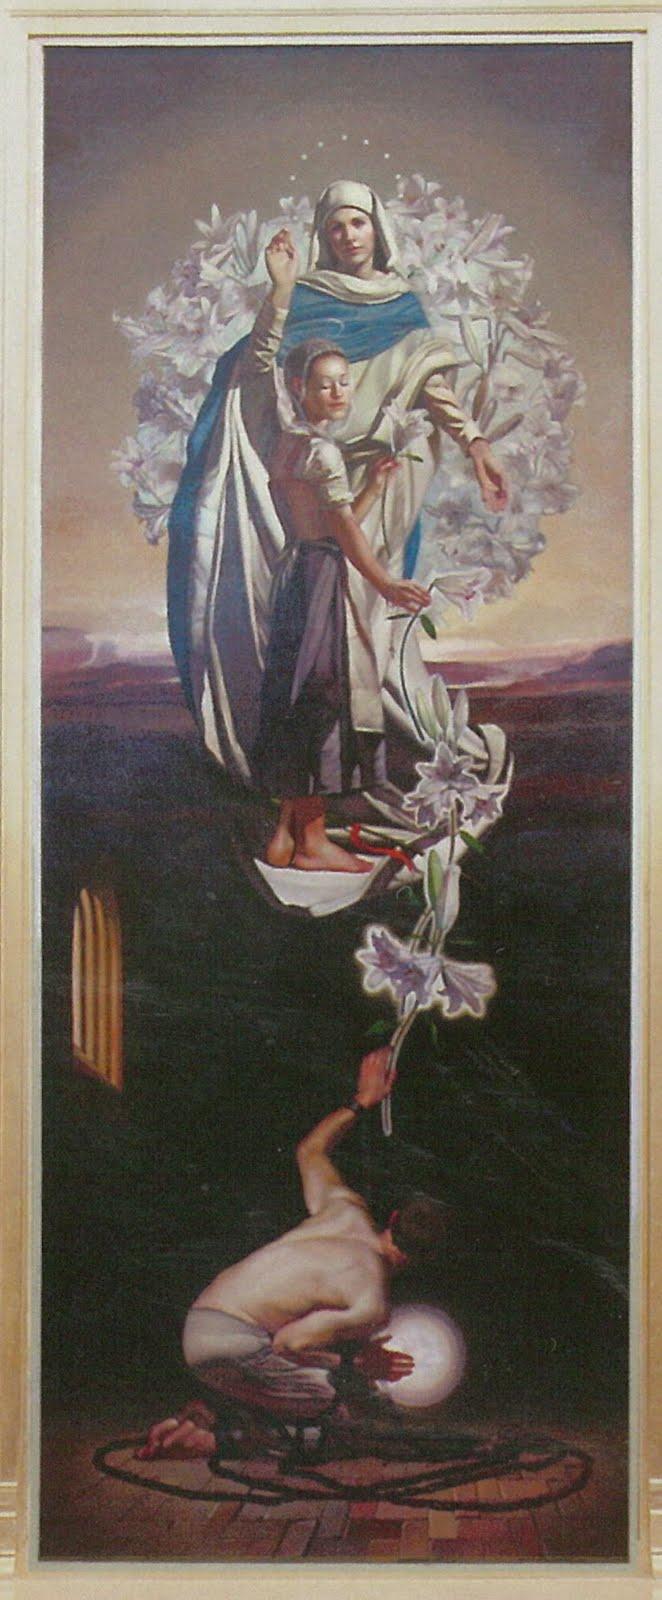 Saint Columbkille Parish: Alessandro Serenelli